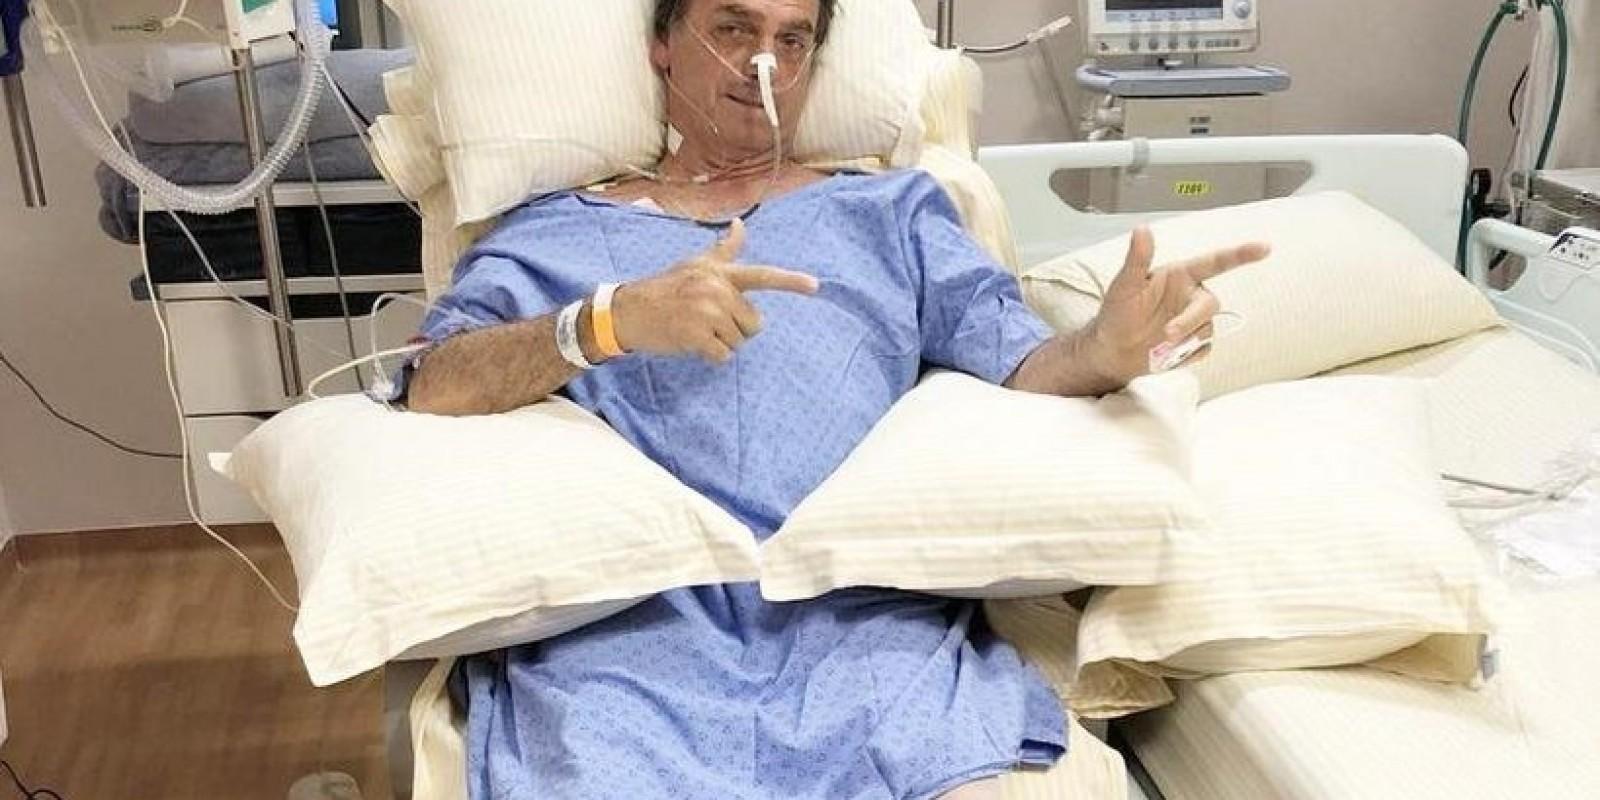 Urgente: Bolsonaro é levado ao centro cirúrgico para operação de emergência